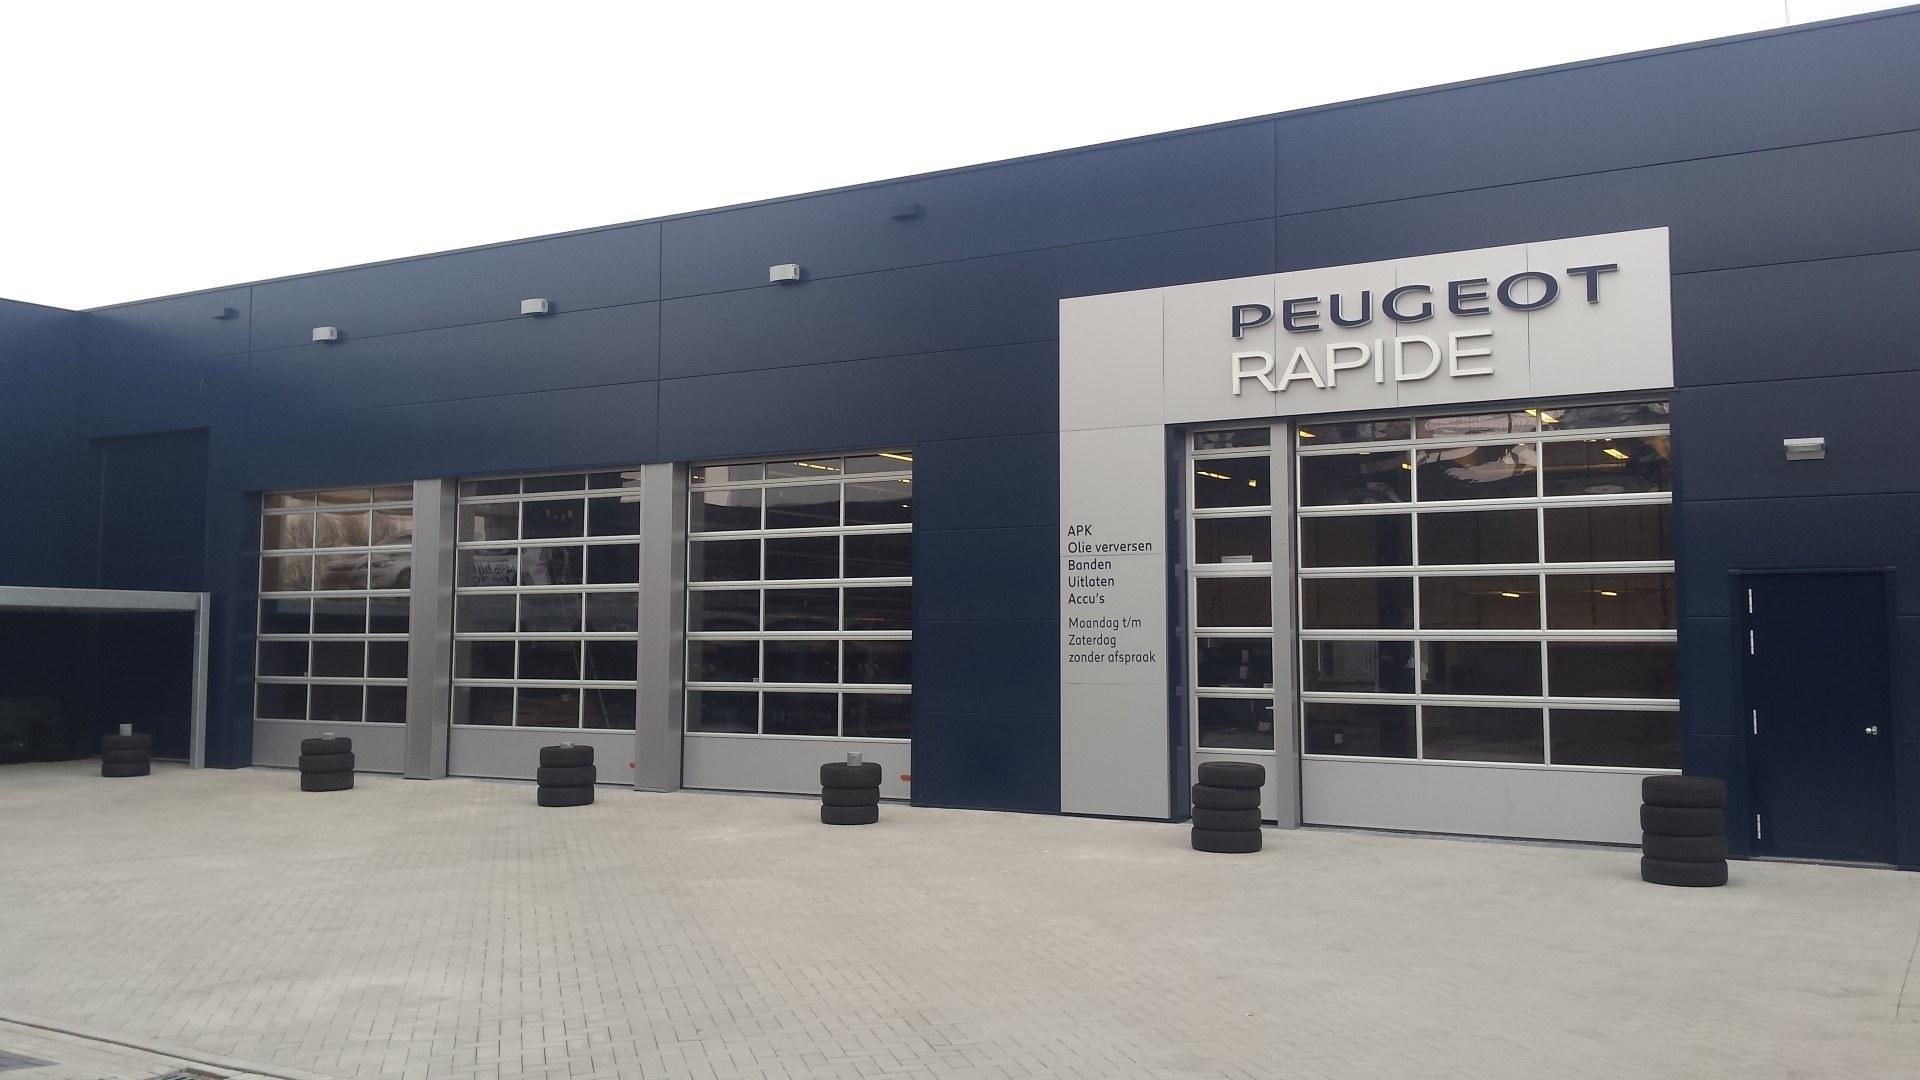 Voor het Peugeot Blue Box-concept worden in heel Nederland Compact deuren gebruikt